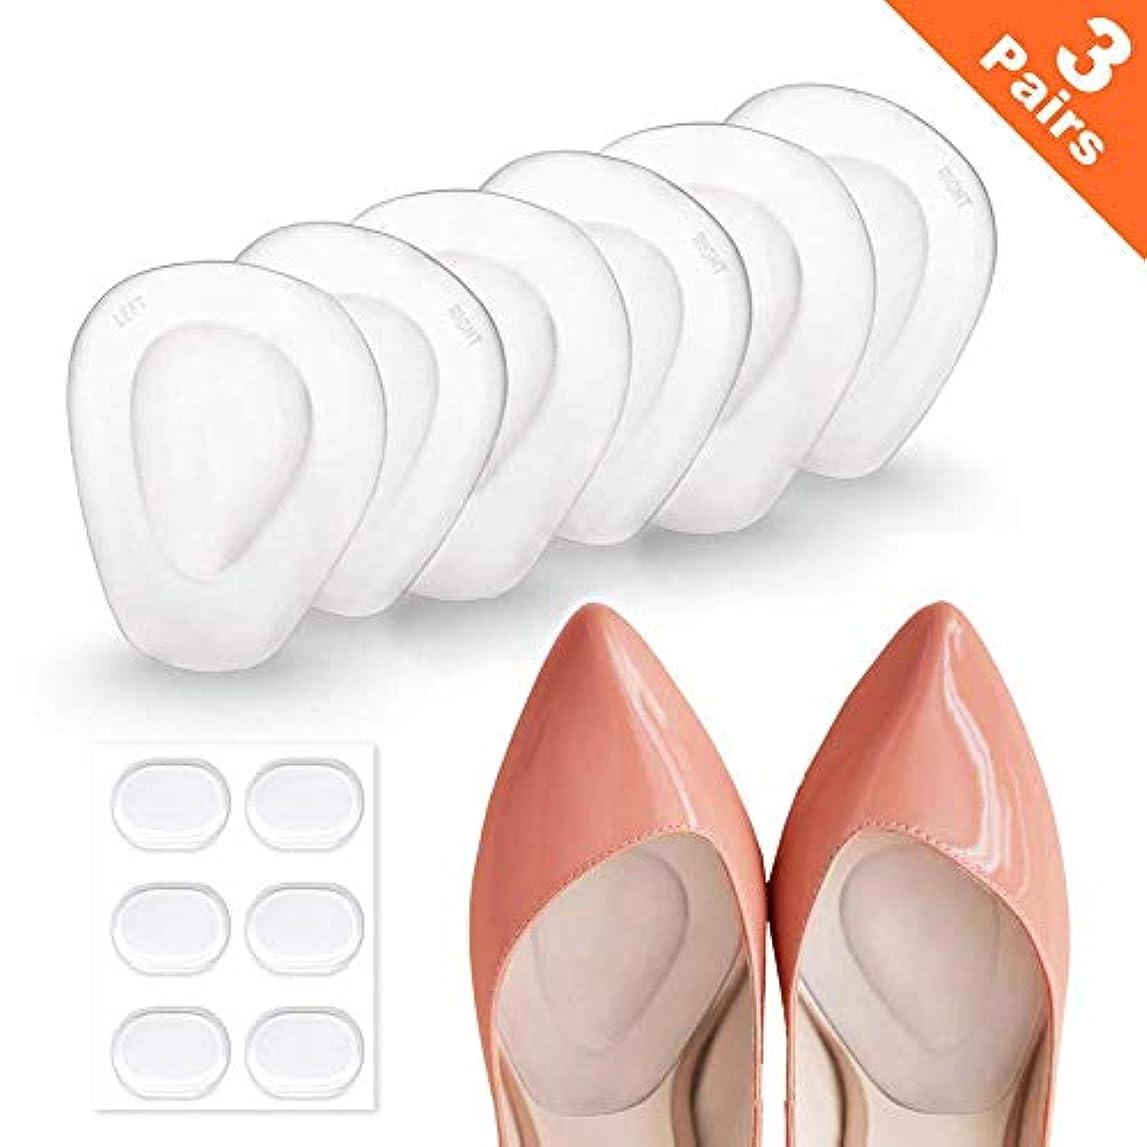 確立しますほうきイル女性用中足パッド(3ペア中足パッド)-フットクッションの再利用可能なソフトジェルボール終日痛みを緩和し、靴のフィットを修正